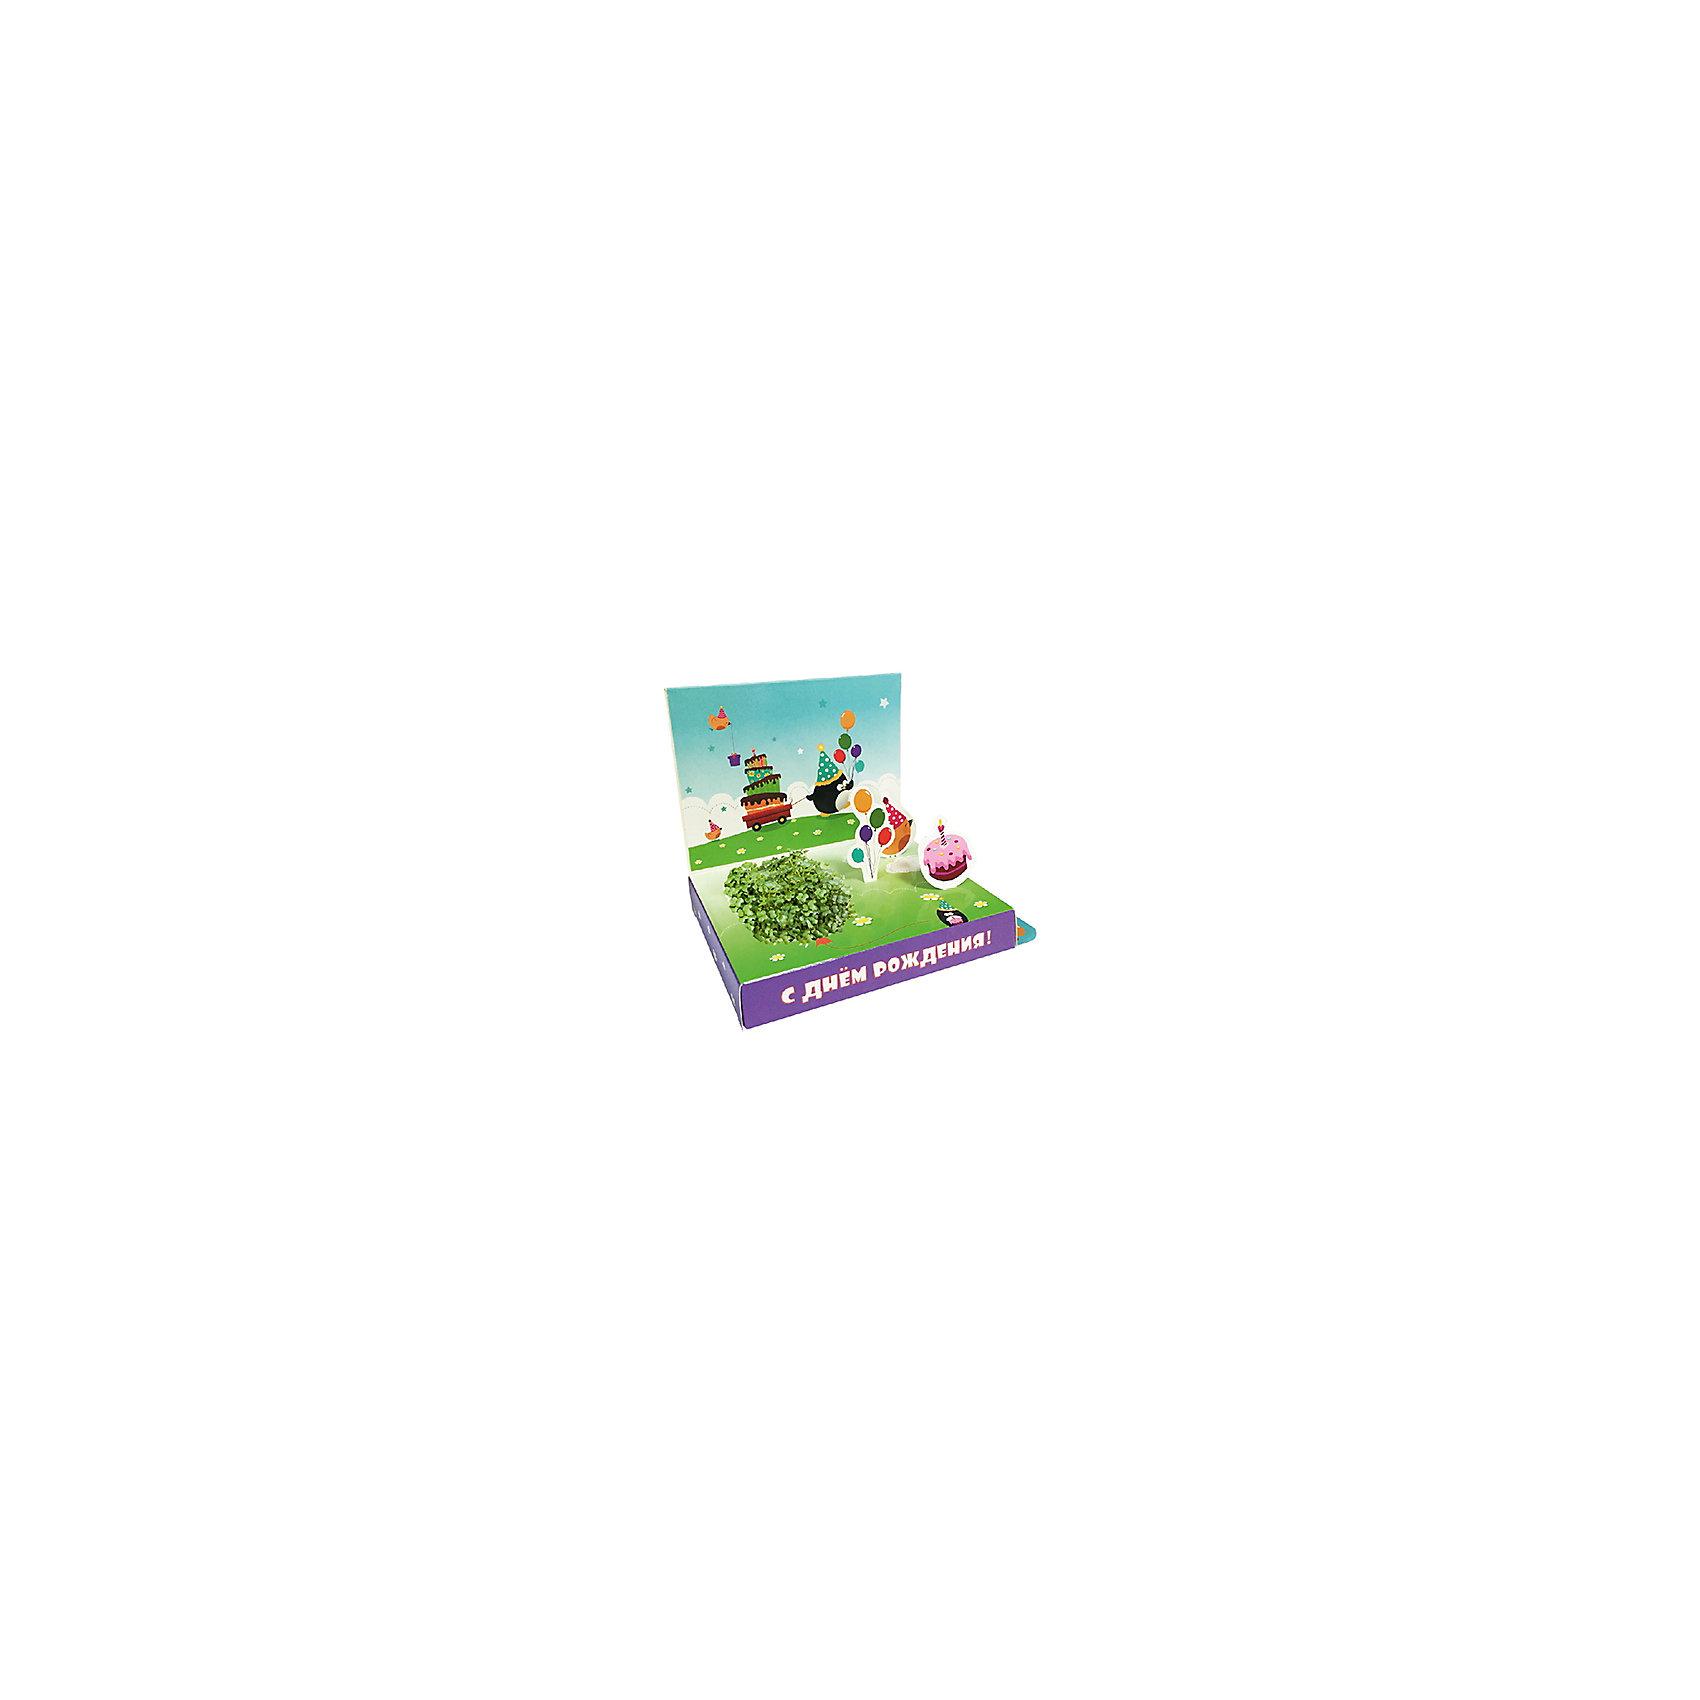 Бумбарам Подарочный набор для выращивания С Днем рождения - Пингвин Happy Plant с днем рождения иллюстр